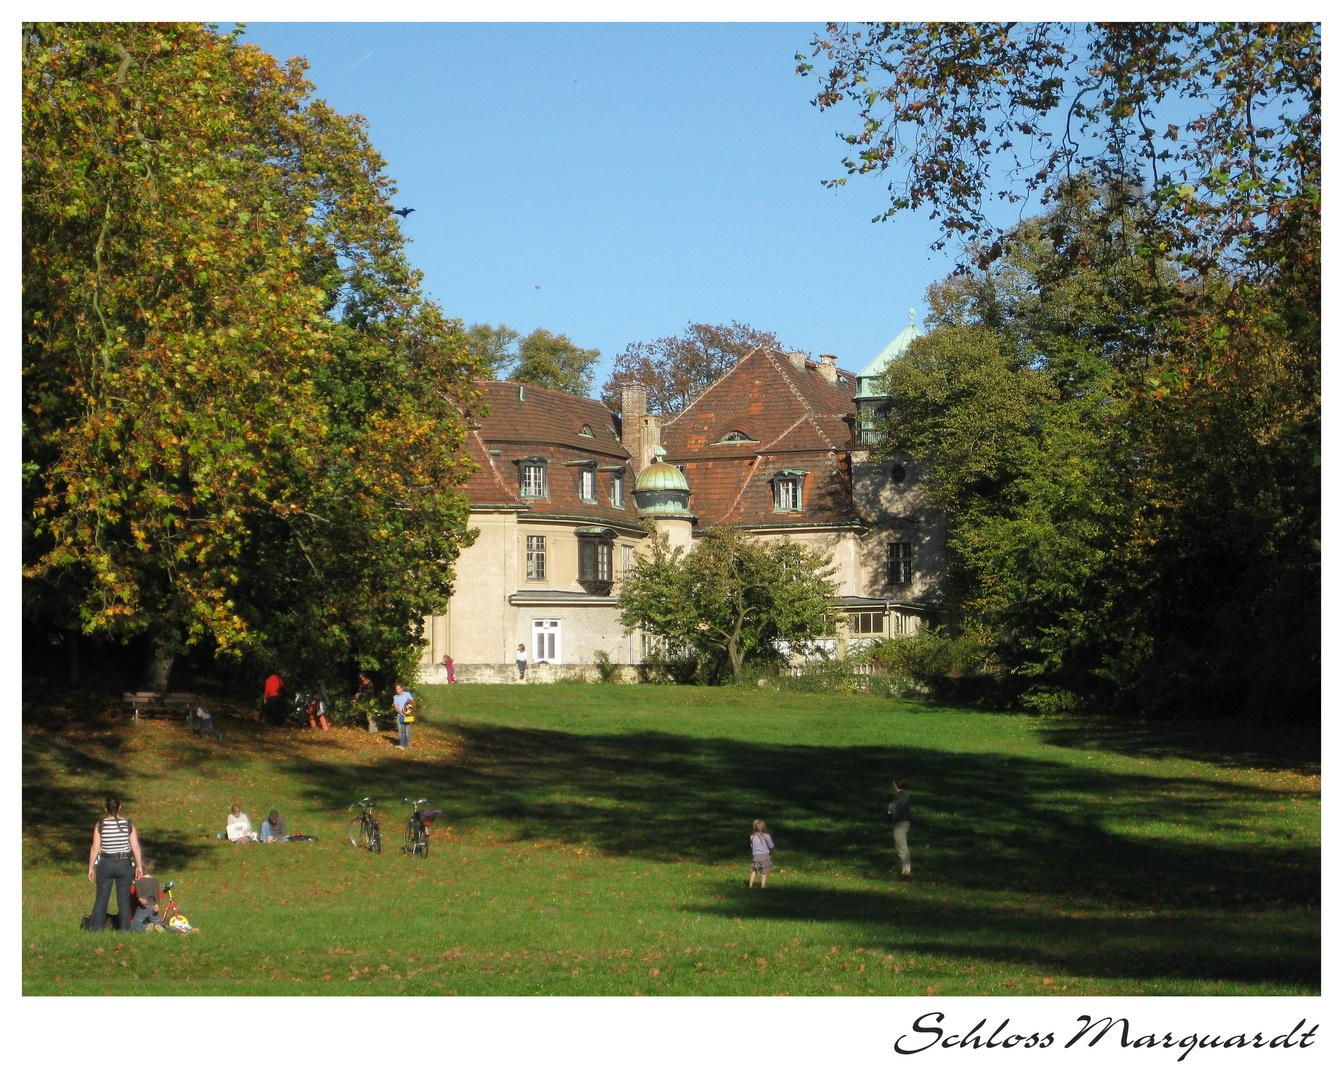 Herbsttag im Schlosspark Marquardt